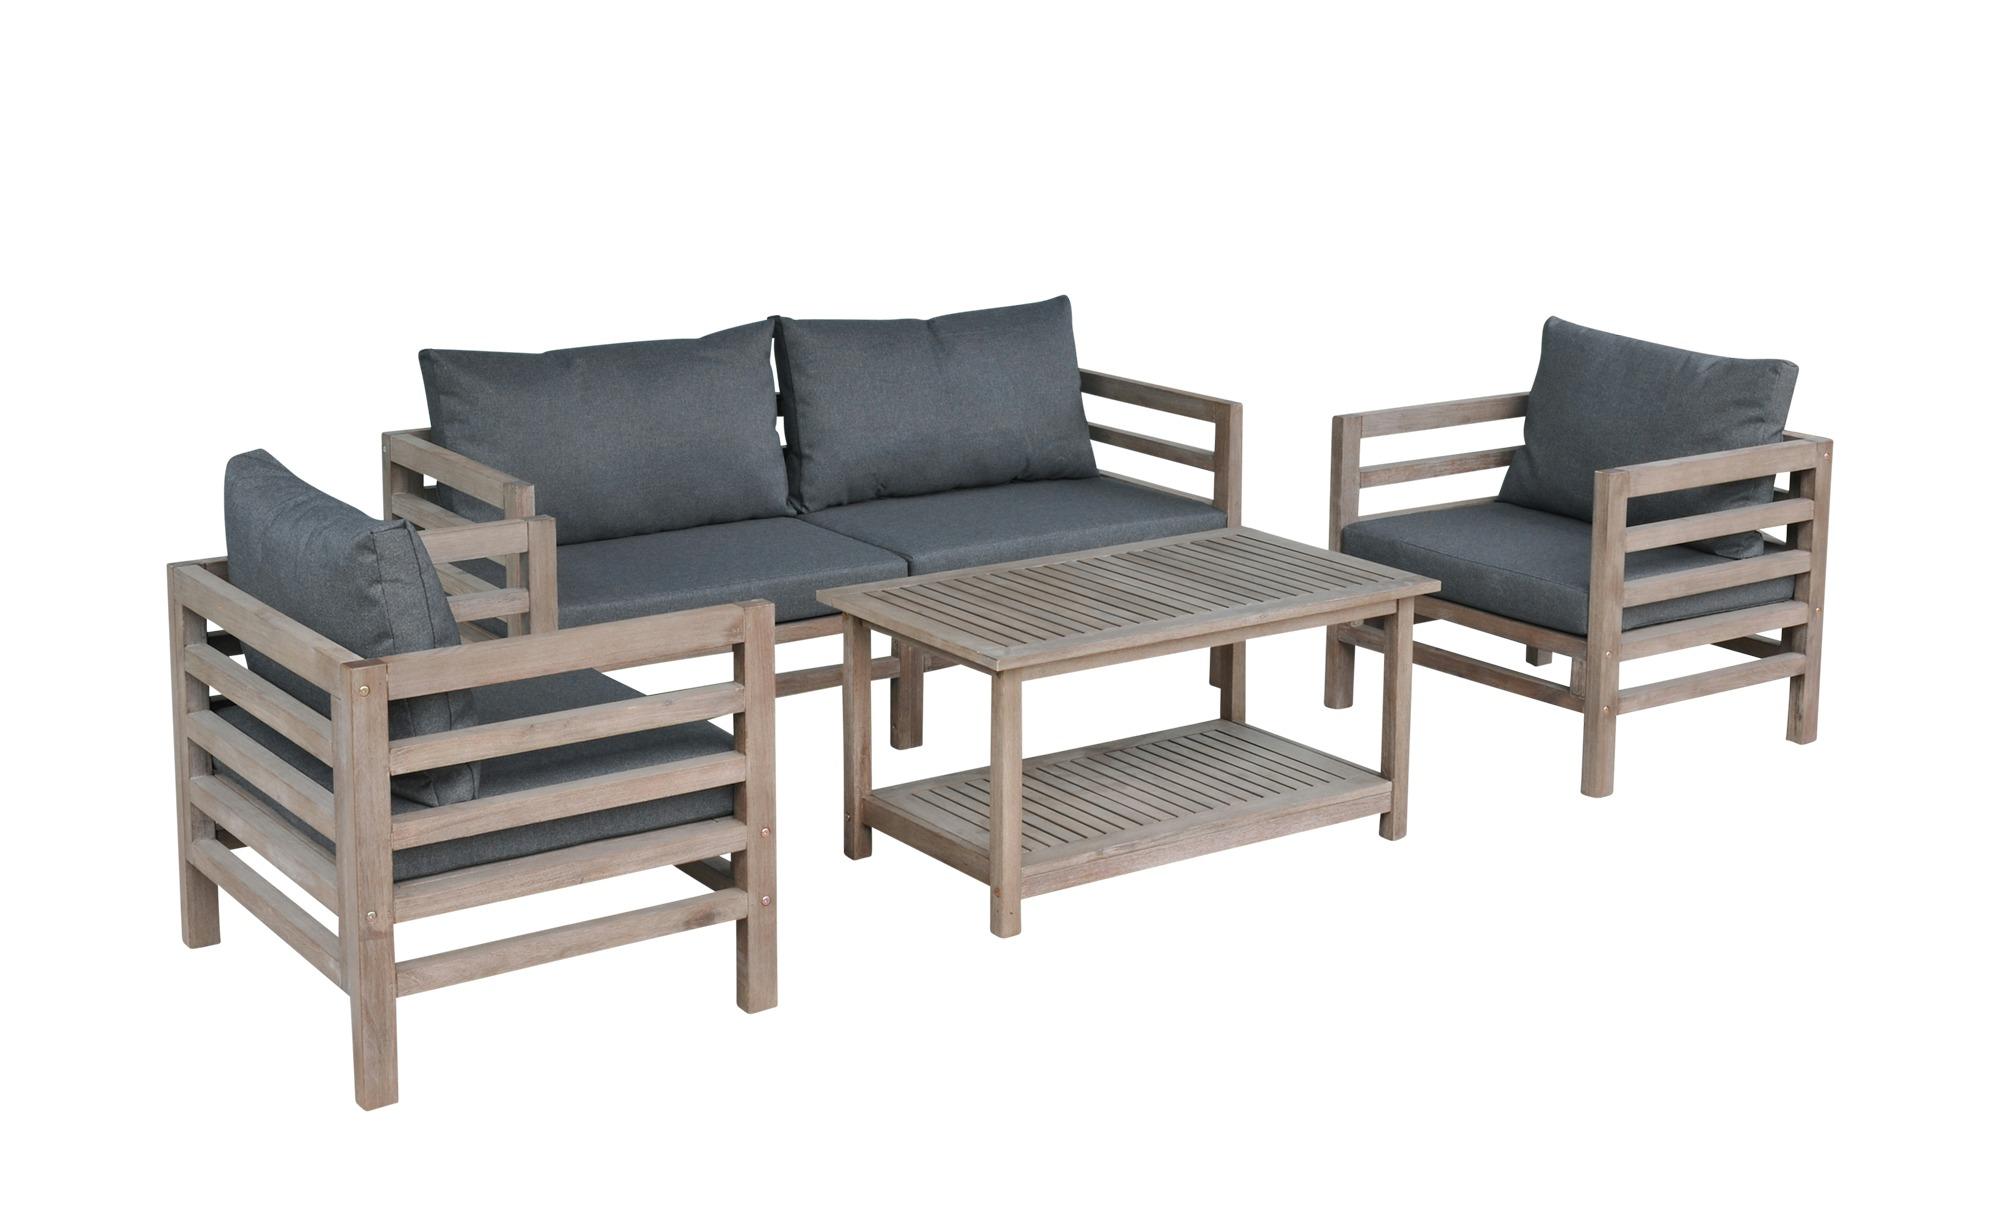 Loungeset  Derby Garten > Gartenmöbel > Gartenmöbel Sets - Höffner | Garten > Gartenmöbel > Loungemöbel-Garten | Akazienholz - Gebeizt - Gebürstet - Holz | Möbel Höffner DE